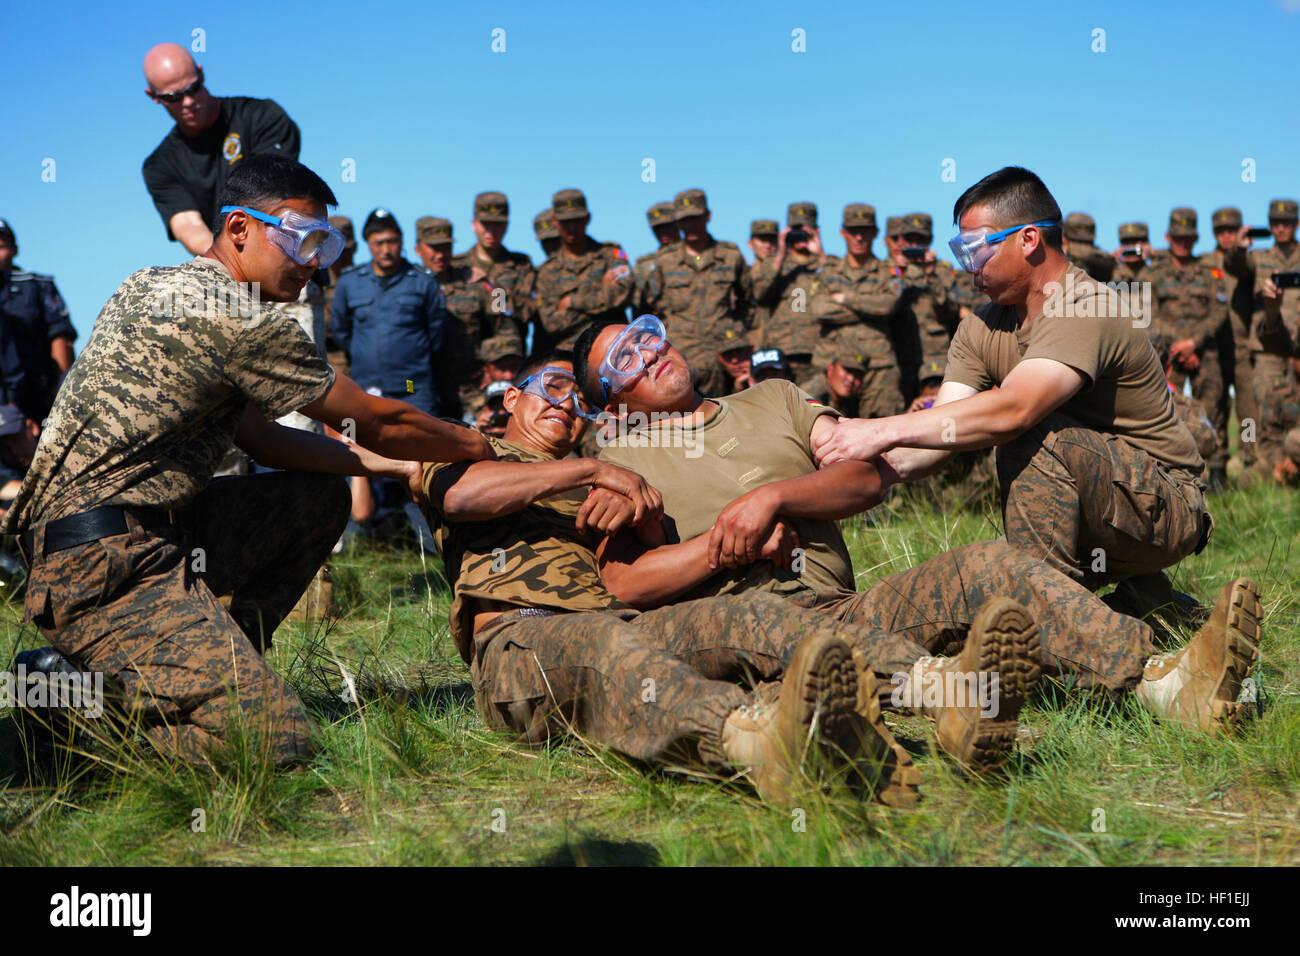 Los miembros del servicio con las fuerzas armadas de Mongolia demostrar a sus colegas y miembros de la Policía General Foto de stock